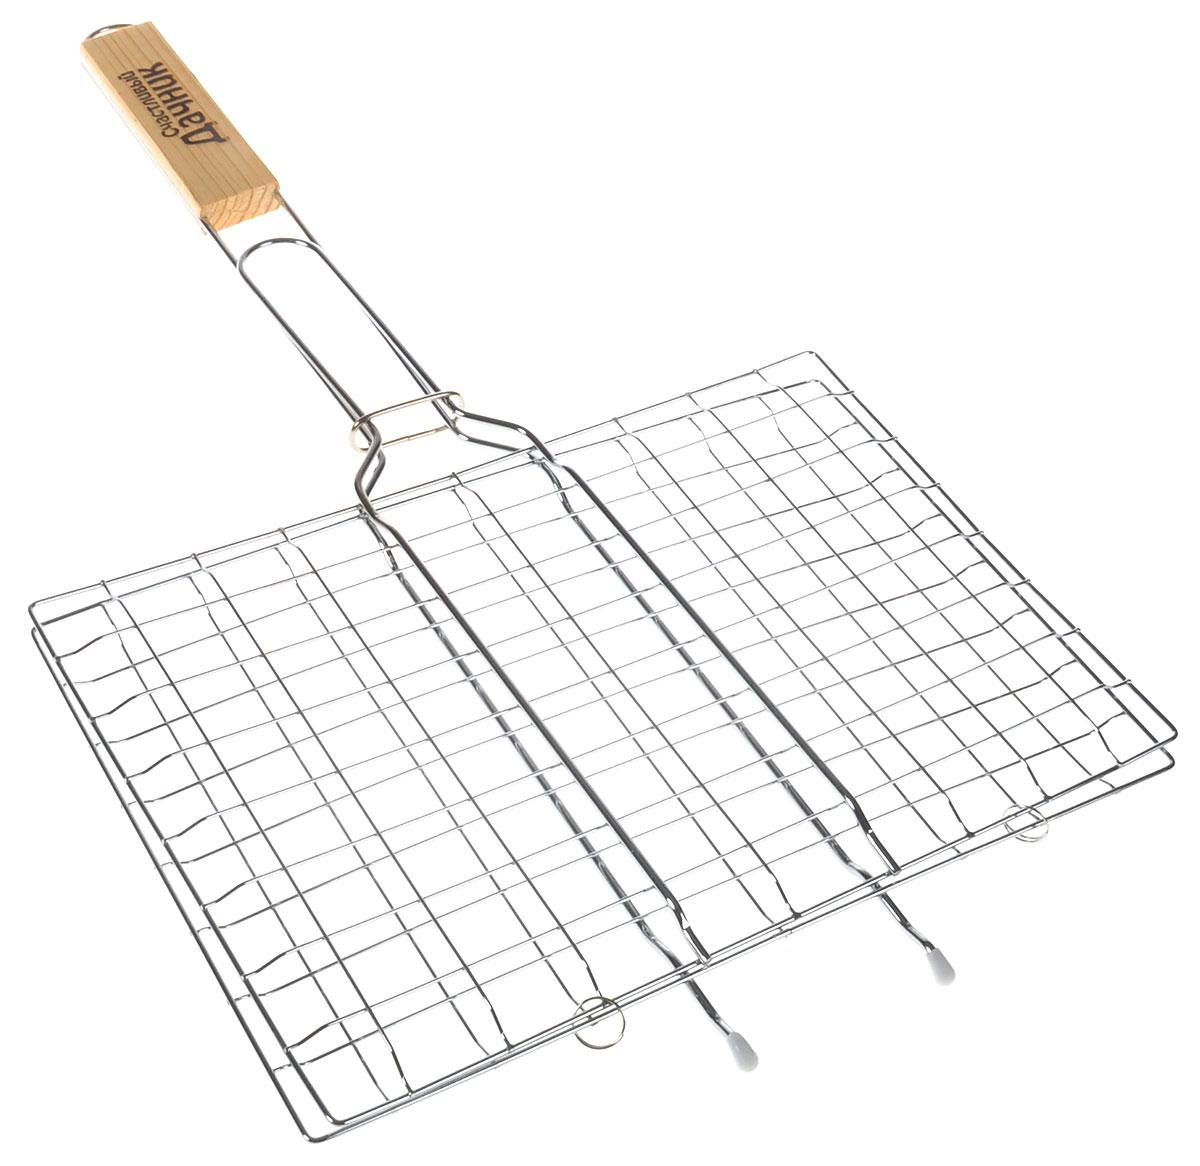 Решетка-гриль Счастливый дачник, универсальная, 30,5 х 21 смТДД15894Универсальная решетка-гриль Счастливый дачникизготовлена из высококачественной стали.На решетке удобно размещать стейки,ребрышки, гамбургеры, сосиски, рыбу иовощи.Решетка предназначена для приготовленияпищи на углях. Блюда получаются сочными,ароматными, с аппетитной специфическойкорочкой. Рукоятка изделия оснащена деревяннойвставкой и фиксирующей скобой, котораязажимает створки решетки. Размер рабочей поверхности решетки(без учета усиков): 30,5 х 21 см. Общая длина решетки (с ручкой): 53 см.